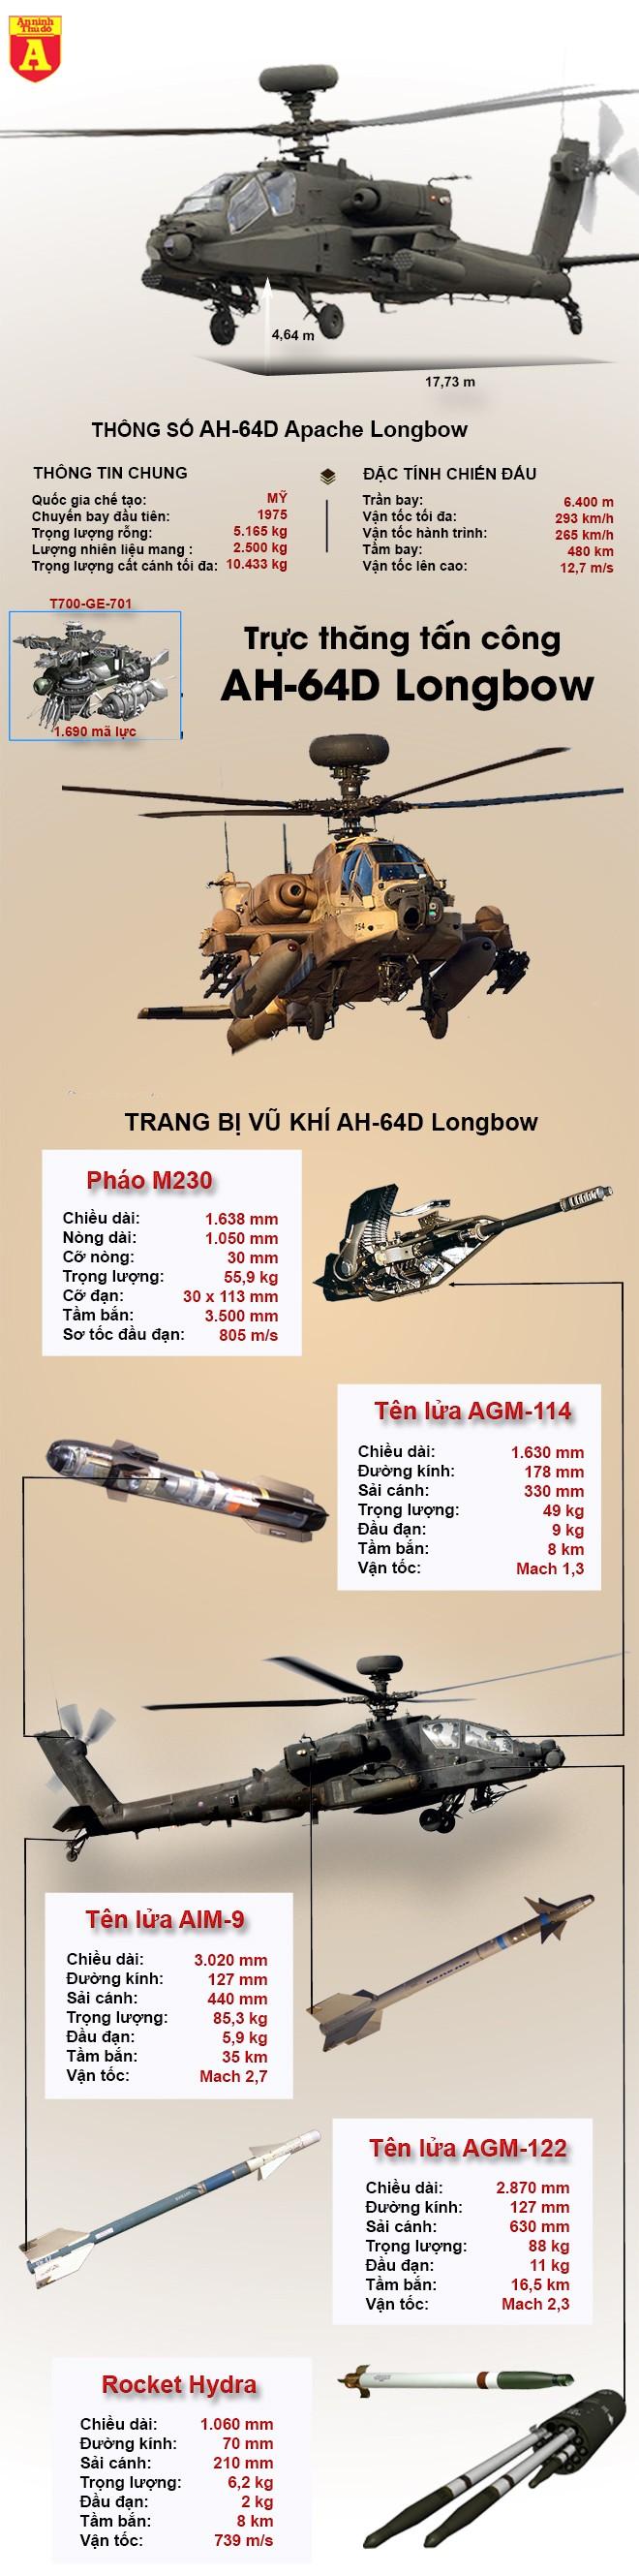 [Infographic] Siêu trực thăng Mỹ chế tạo vừa bị rơi, nghi bị hạ bởi tên lửa Trung Quốc sản xuất ảnh 3